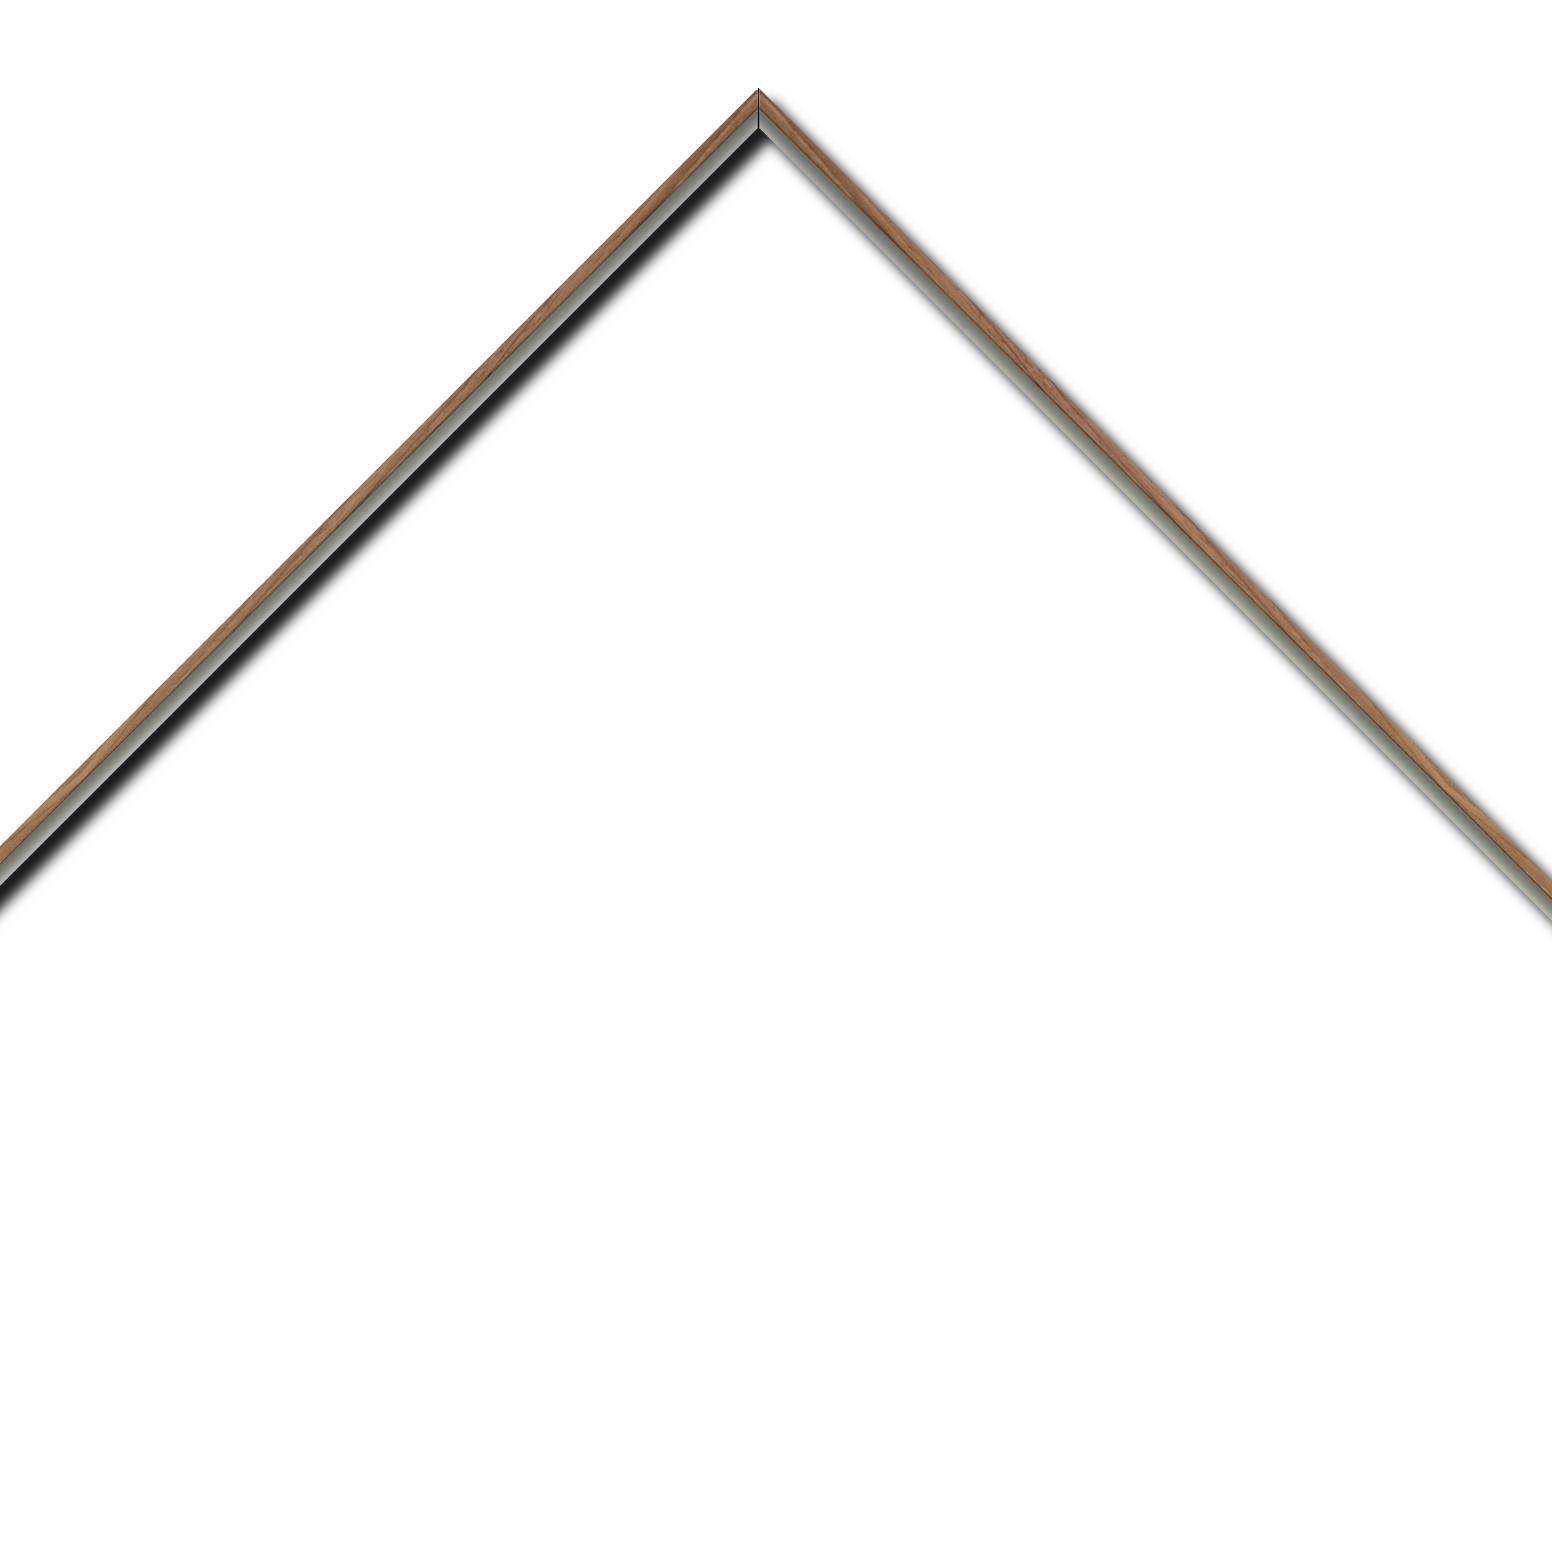 Baguette aluminium profil plat largeur 8mm, placage véritable noyer ,(le sujet qui sera glissé dans le cadre sera en retrait de 6mm de la face du cadre assurant un effet très contemporain) mise en place du sujet rapide et simple: assemblage du cadre par double équerre à vis (livré avec le système d'accrochage qui se glisse dans le profilé) encadrement non assemblé,  livré avec son sachet d'accessoires